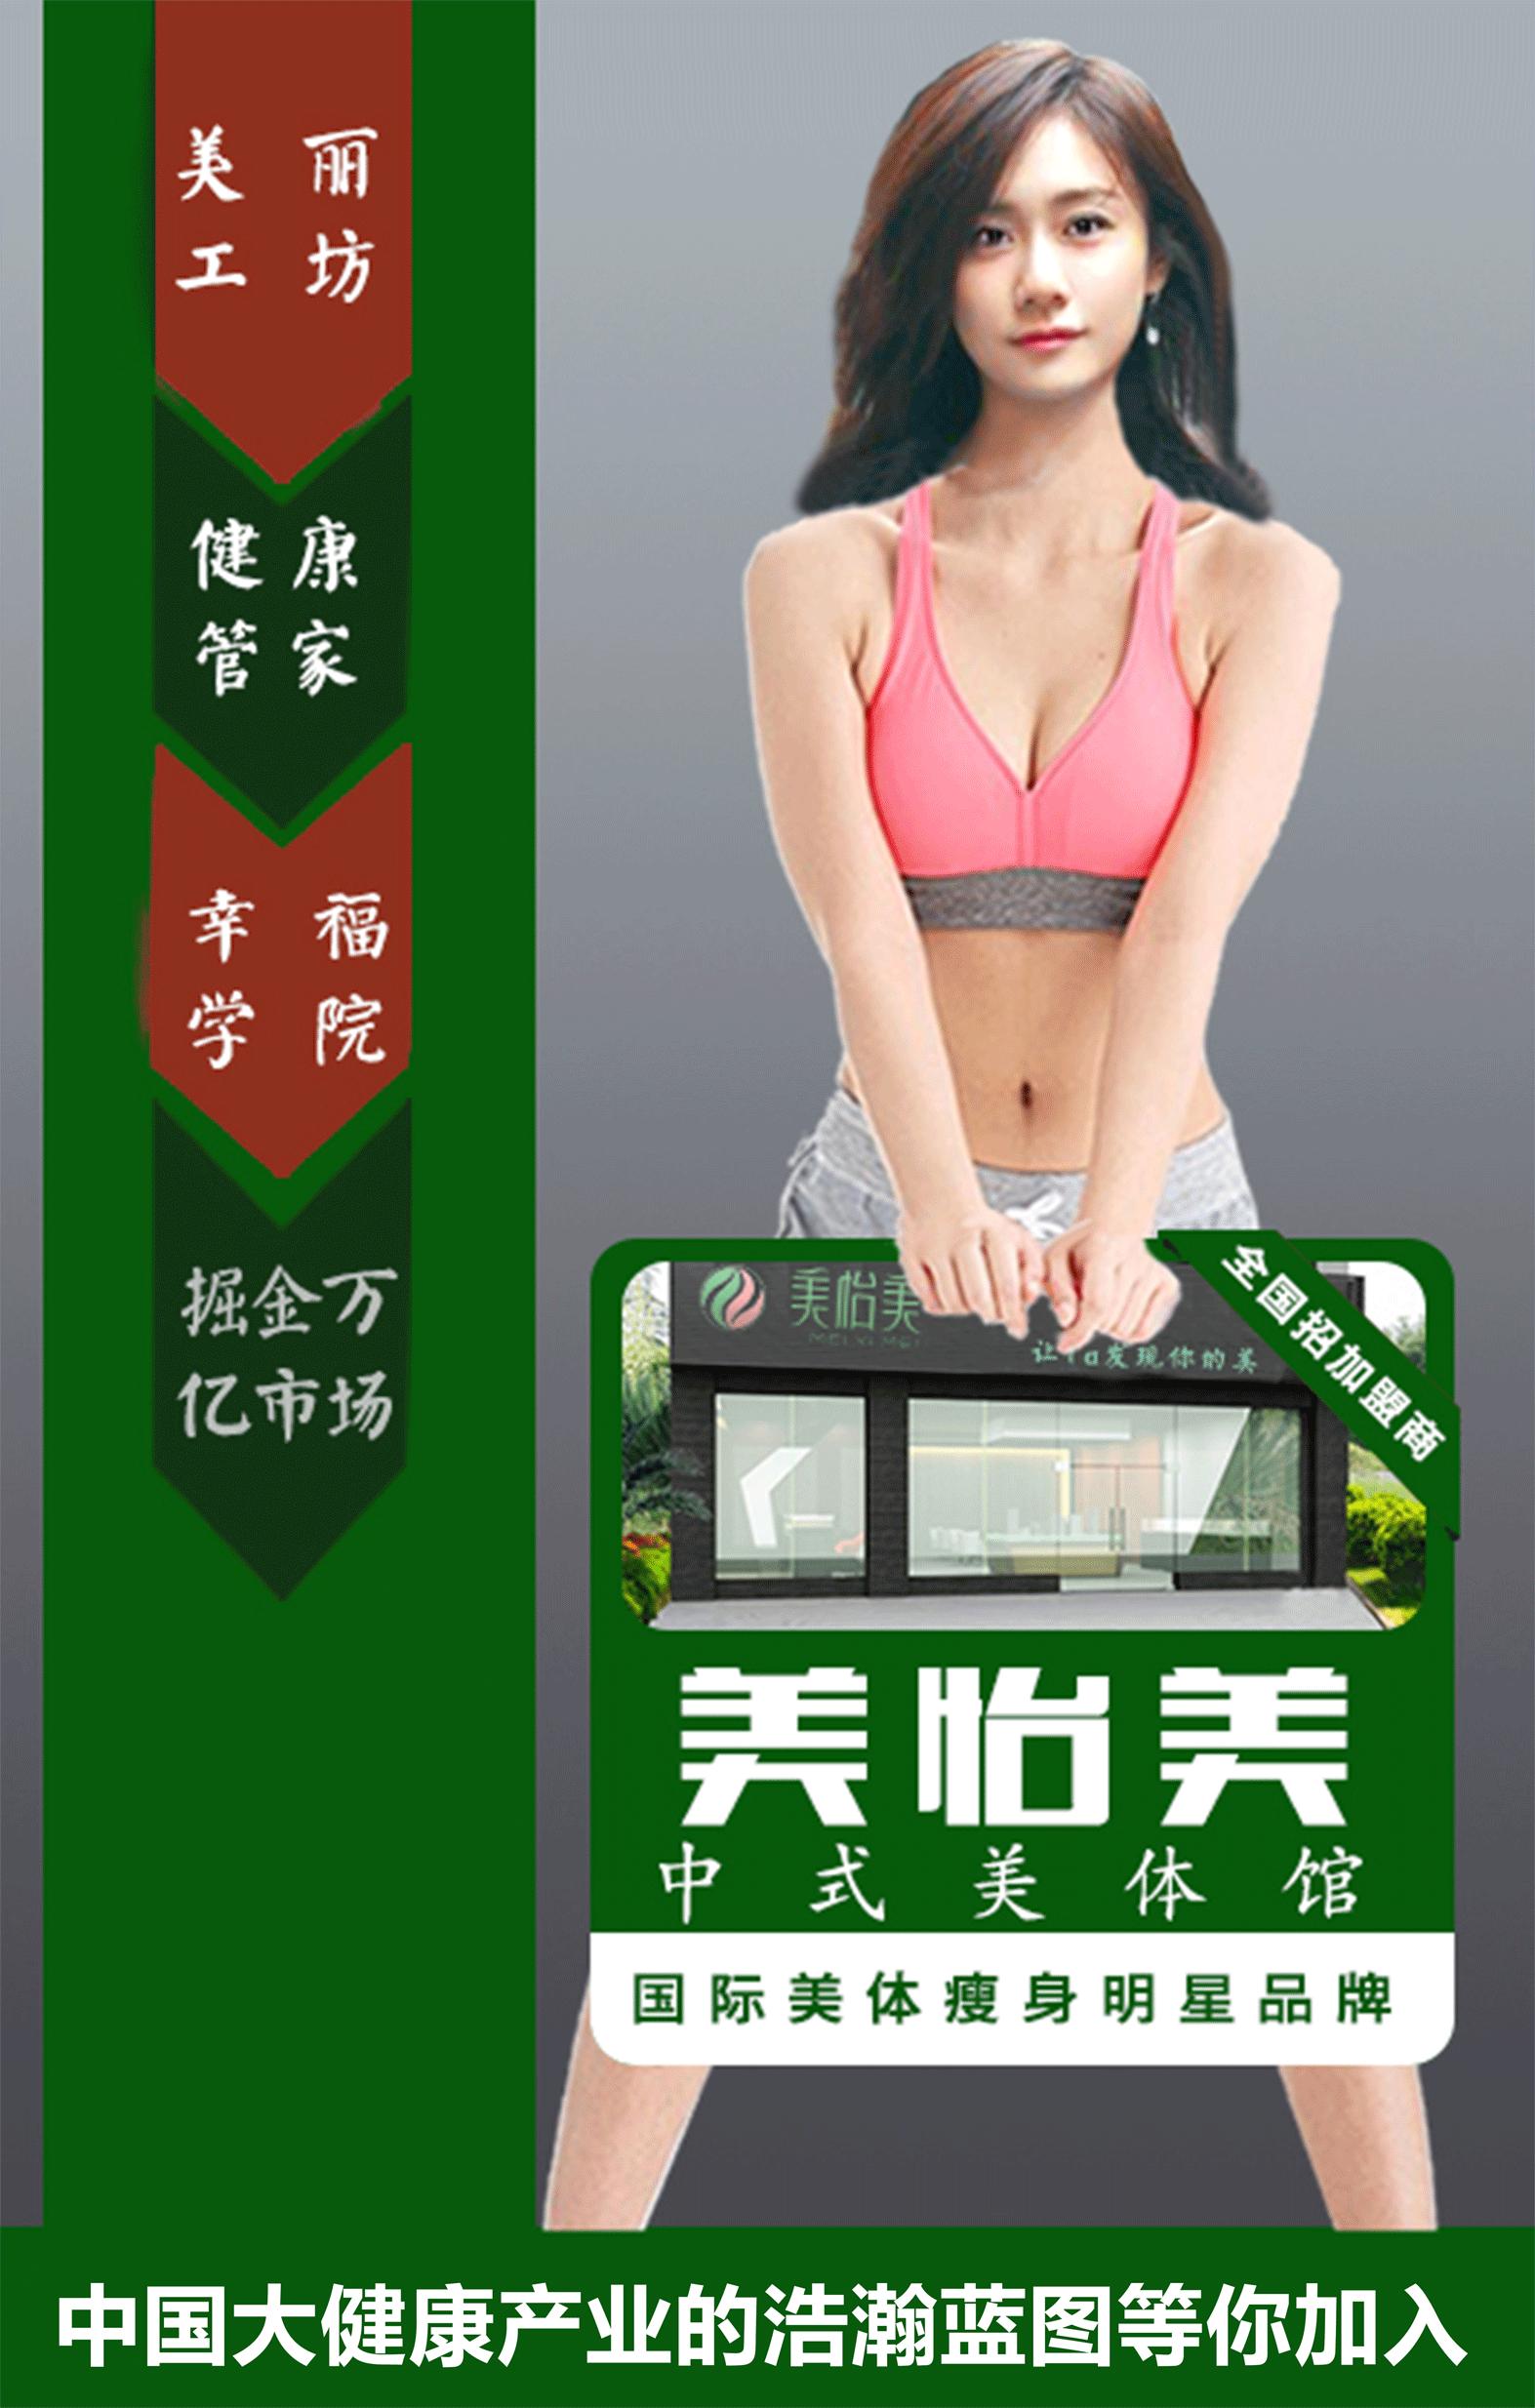 美怡美国际瘦身club